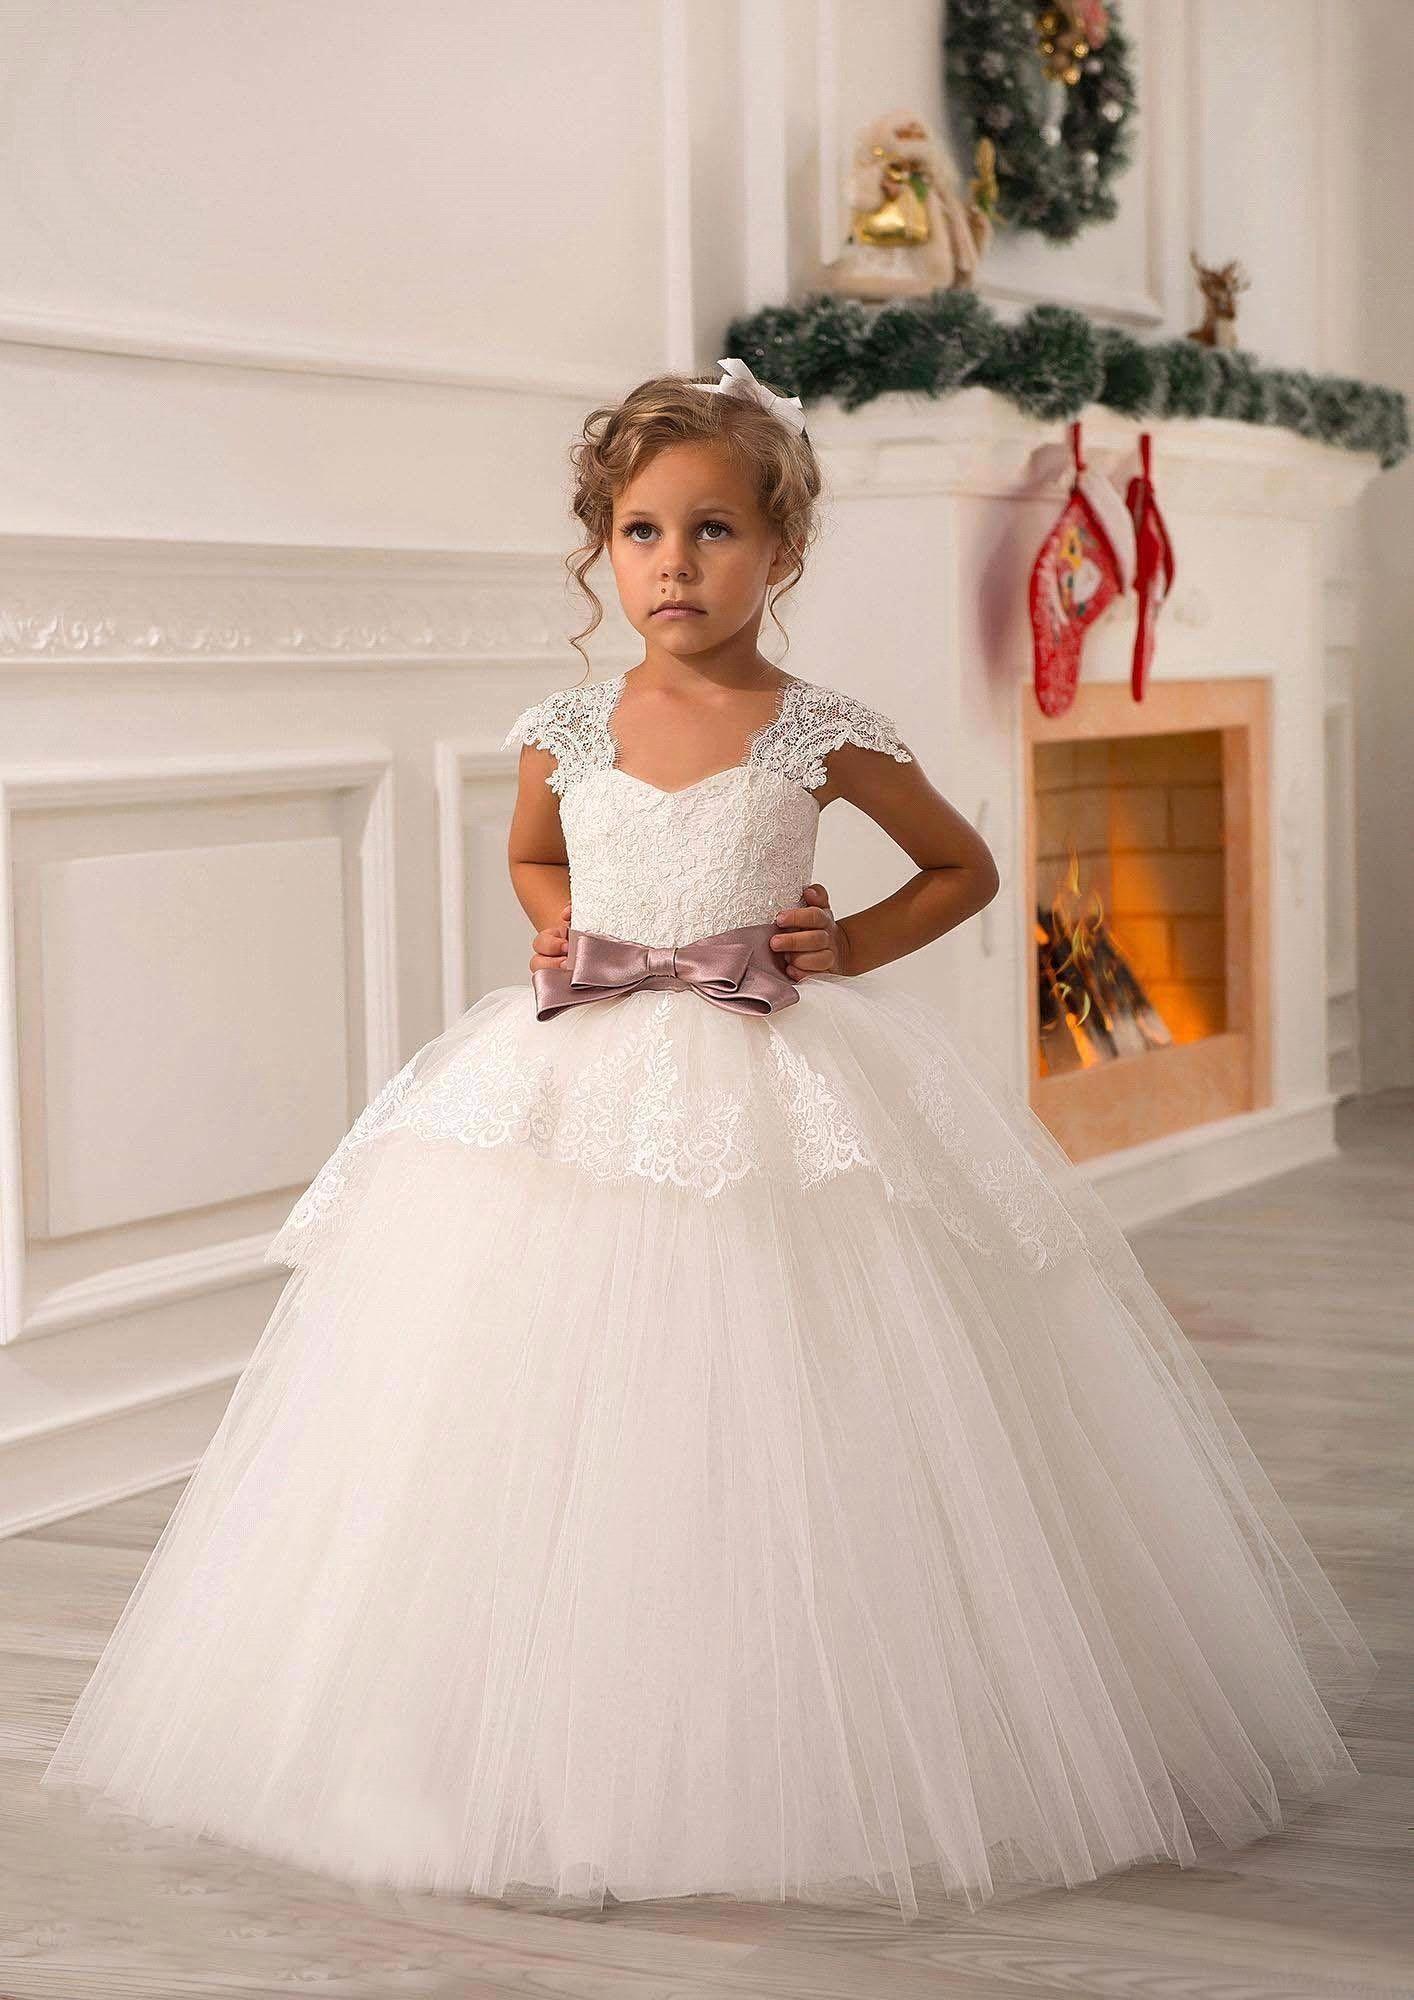 Mädchen Kleid Marlena | Kinder Mode - Flowergirldress | Pinterest ...